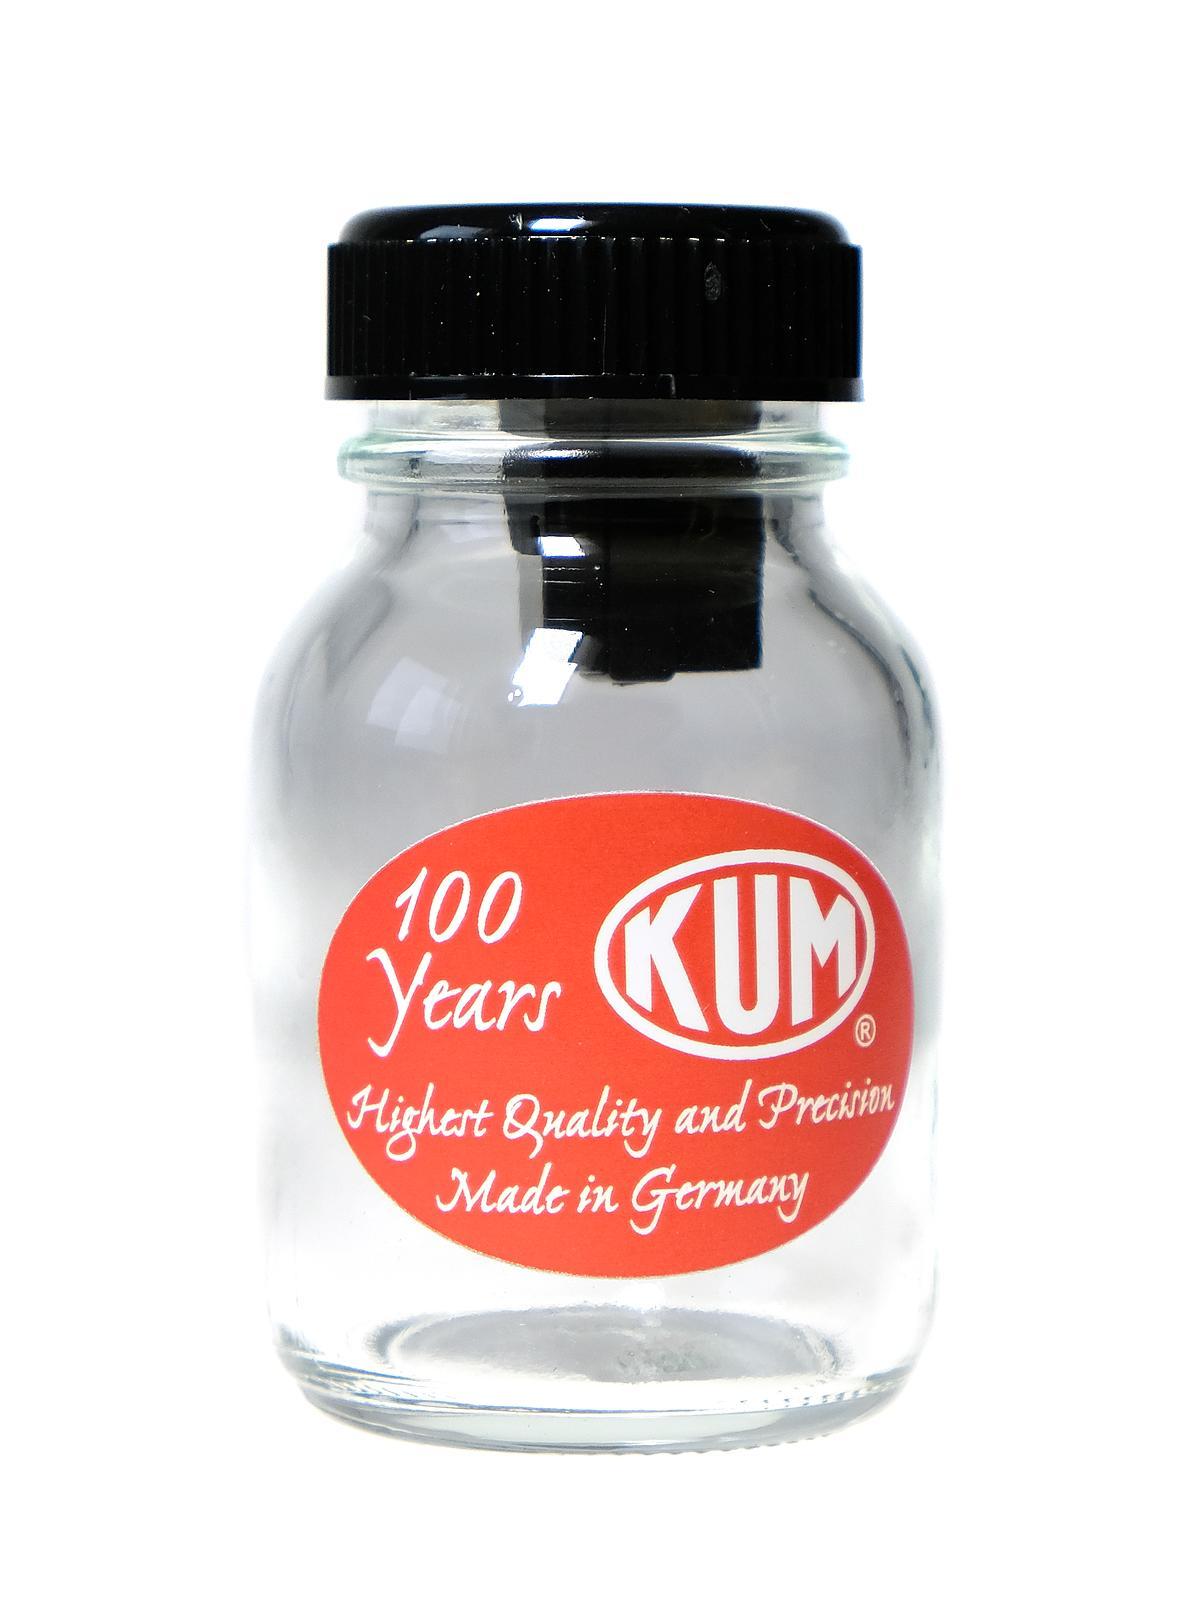 Kum - Glass Bottle Pencil Sharpener